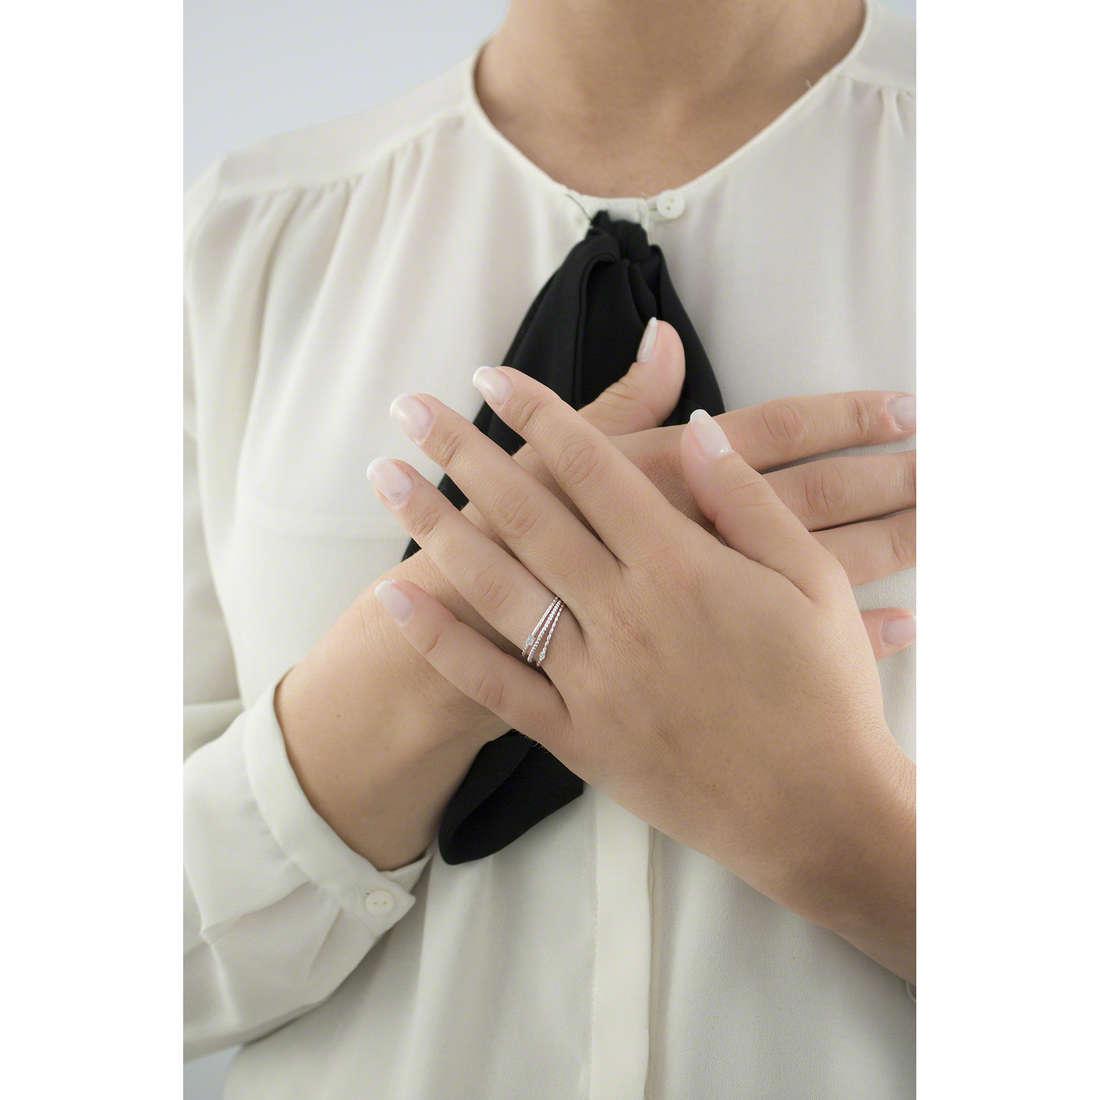 Morellato anelli 1930 Michelle Hunziker donna SAHA14014 indosso